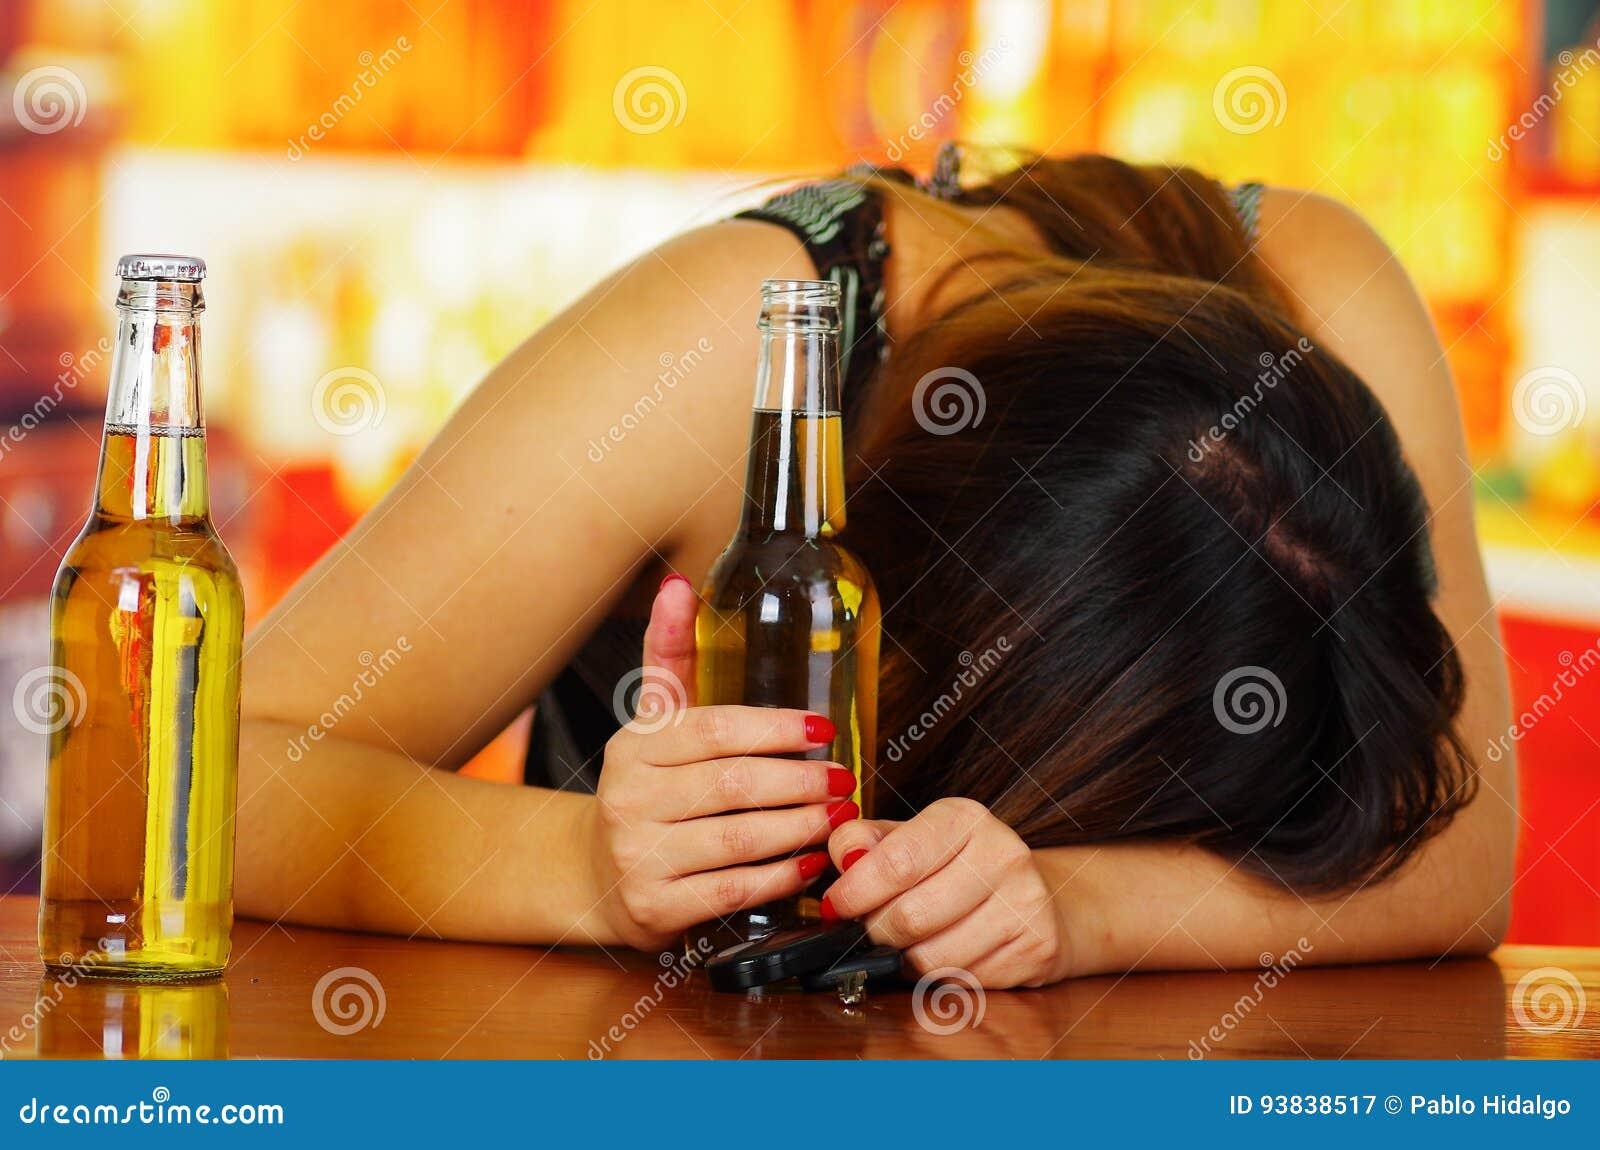 Видео девушка влагалище пиво — pic 5